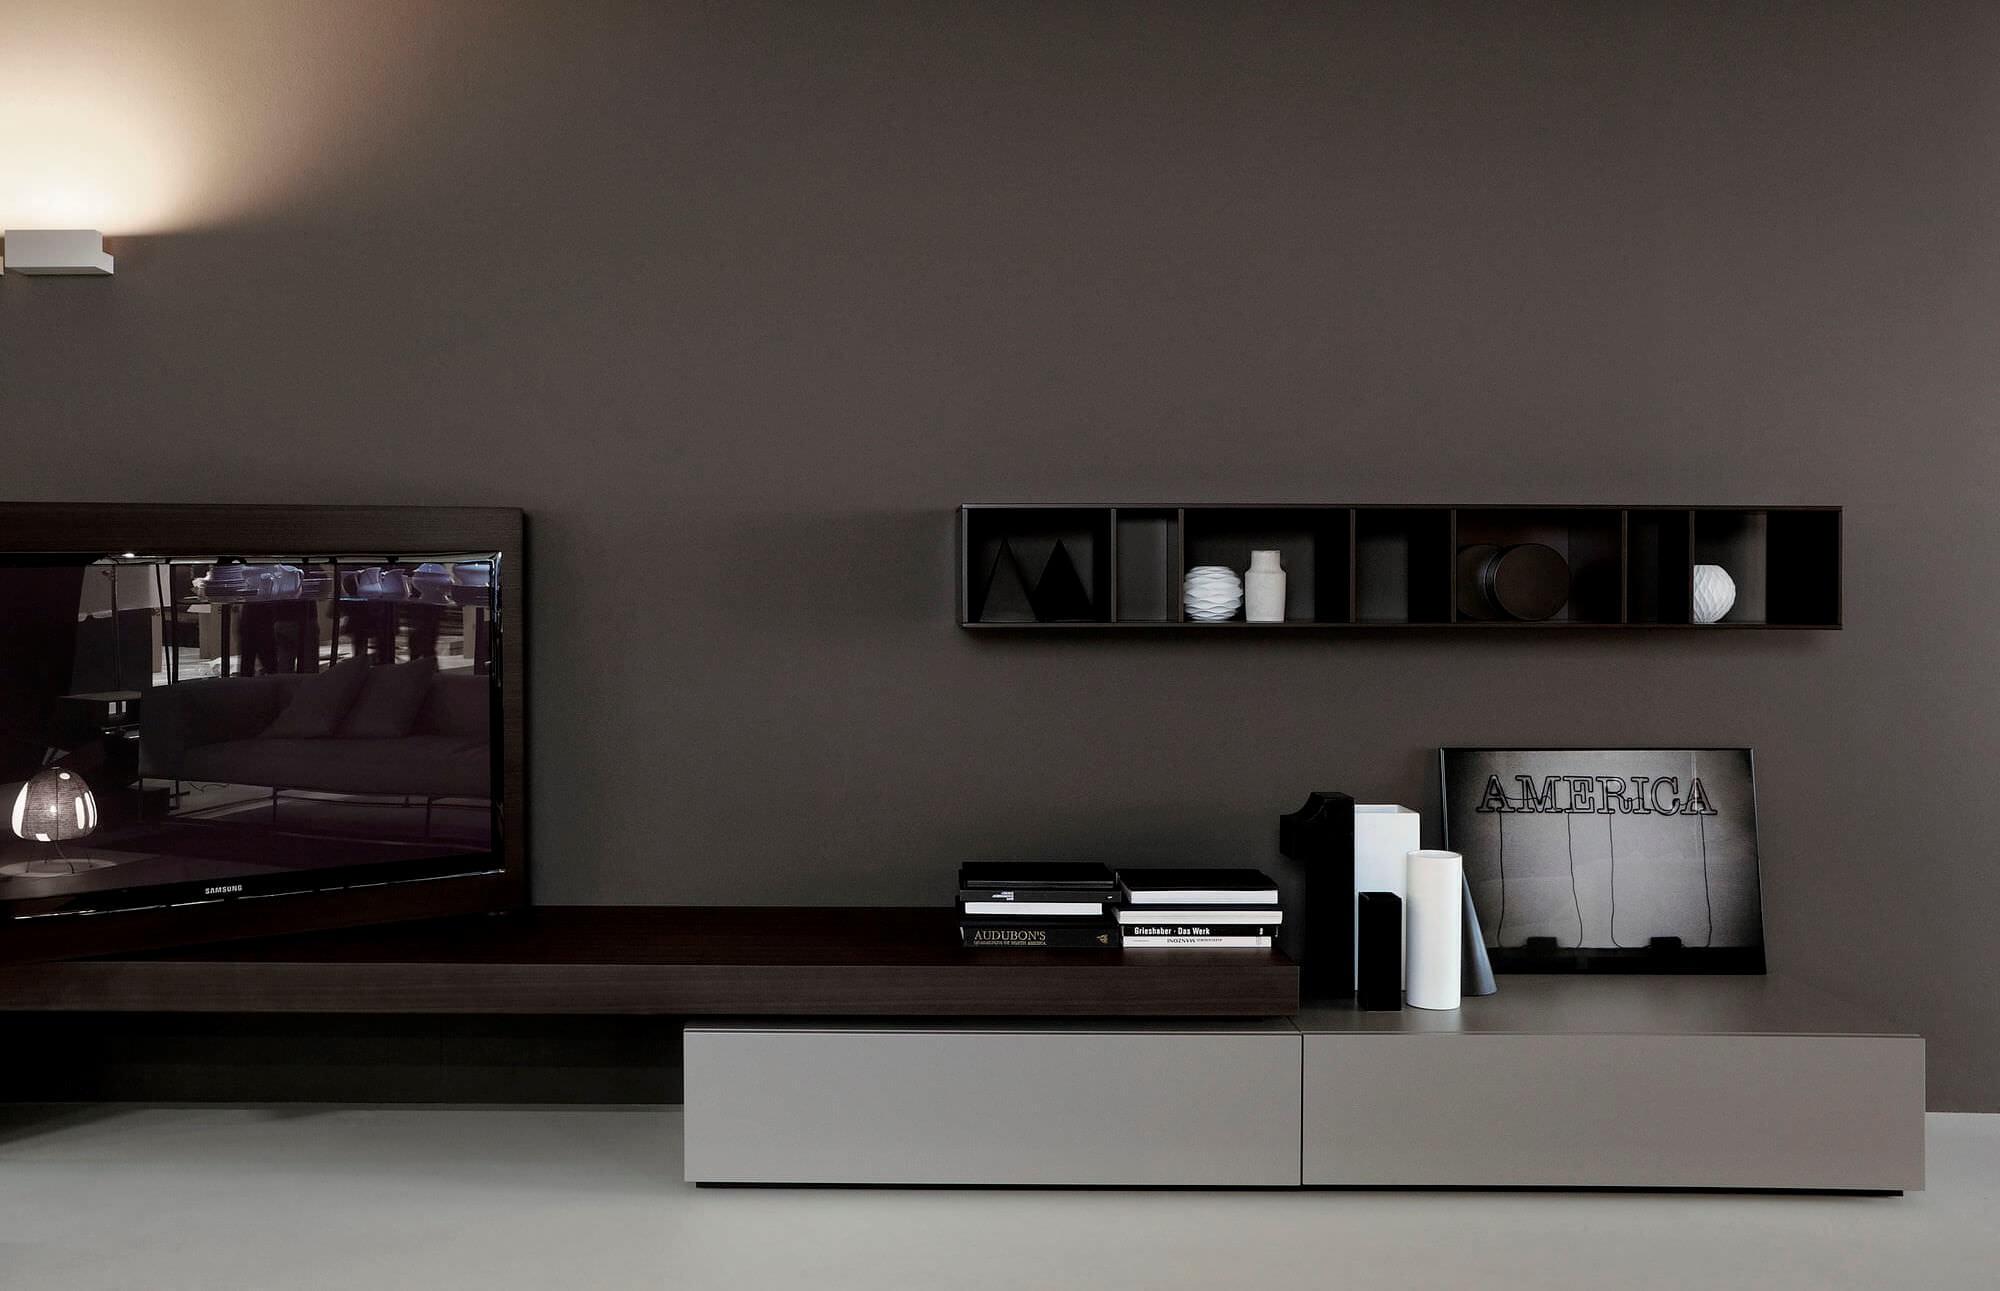 dizajnerskie-tumby-pod-televizor (3)